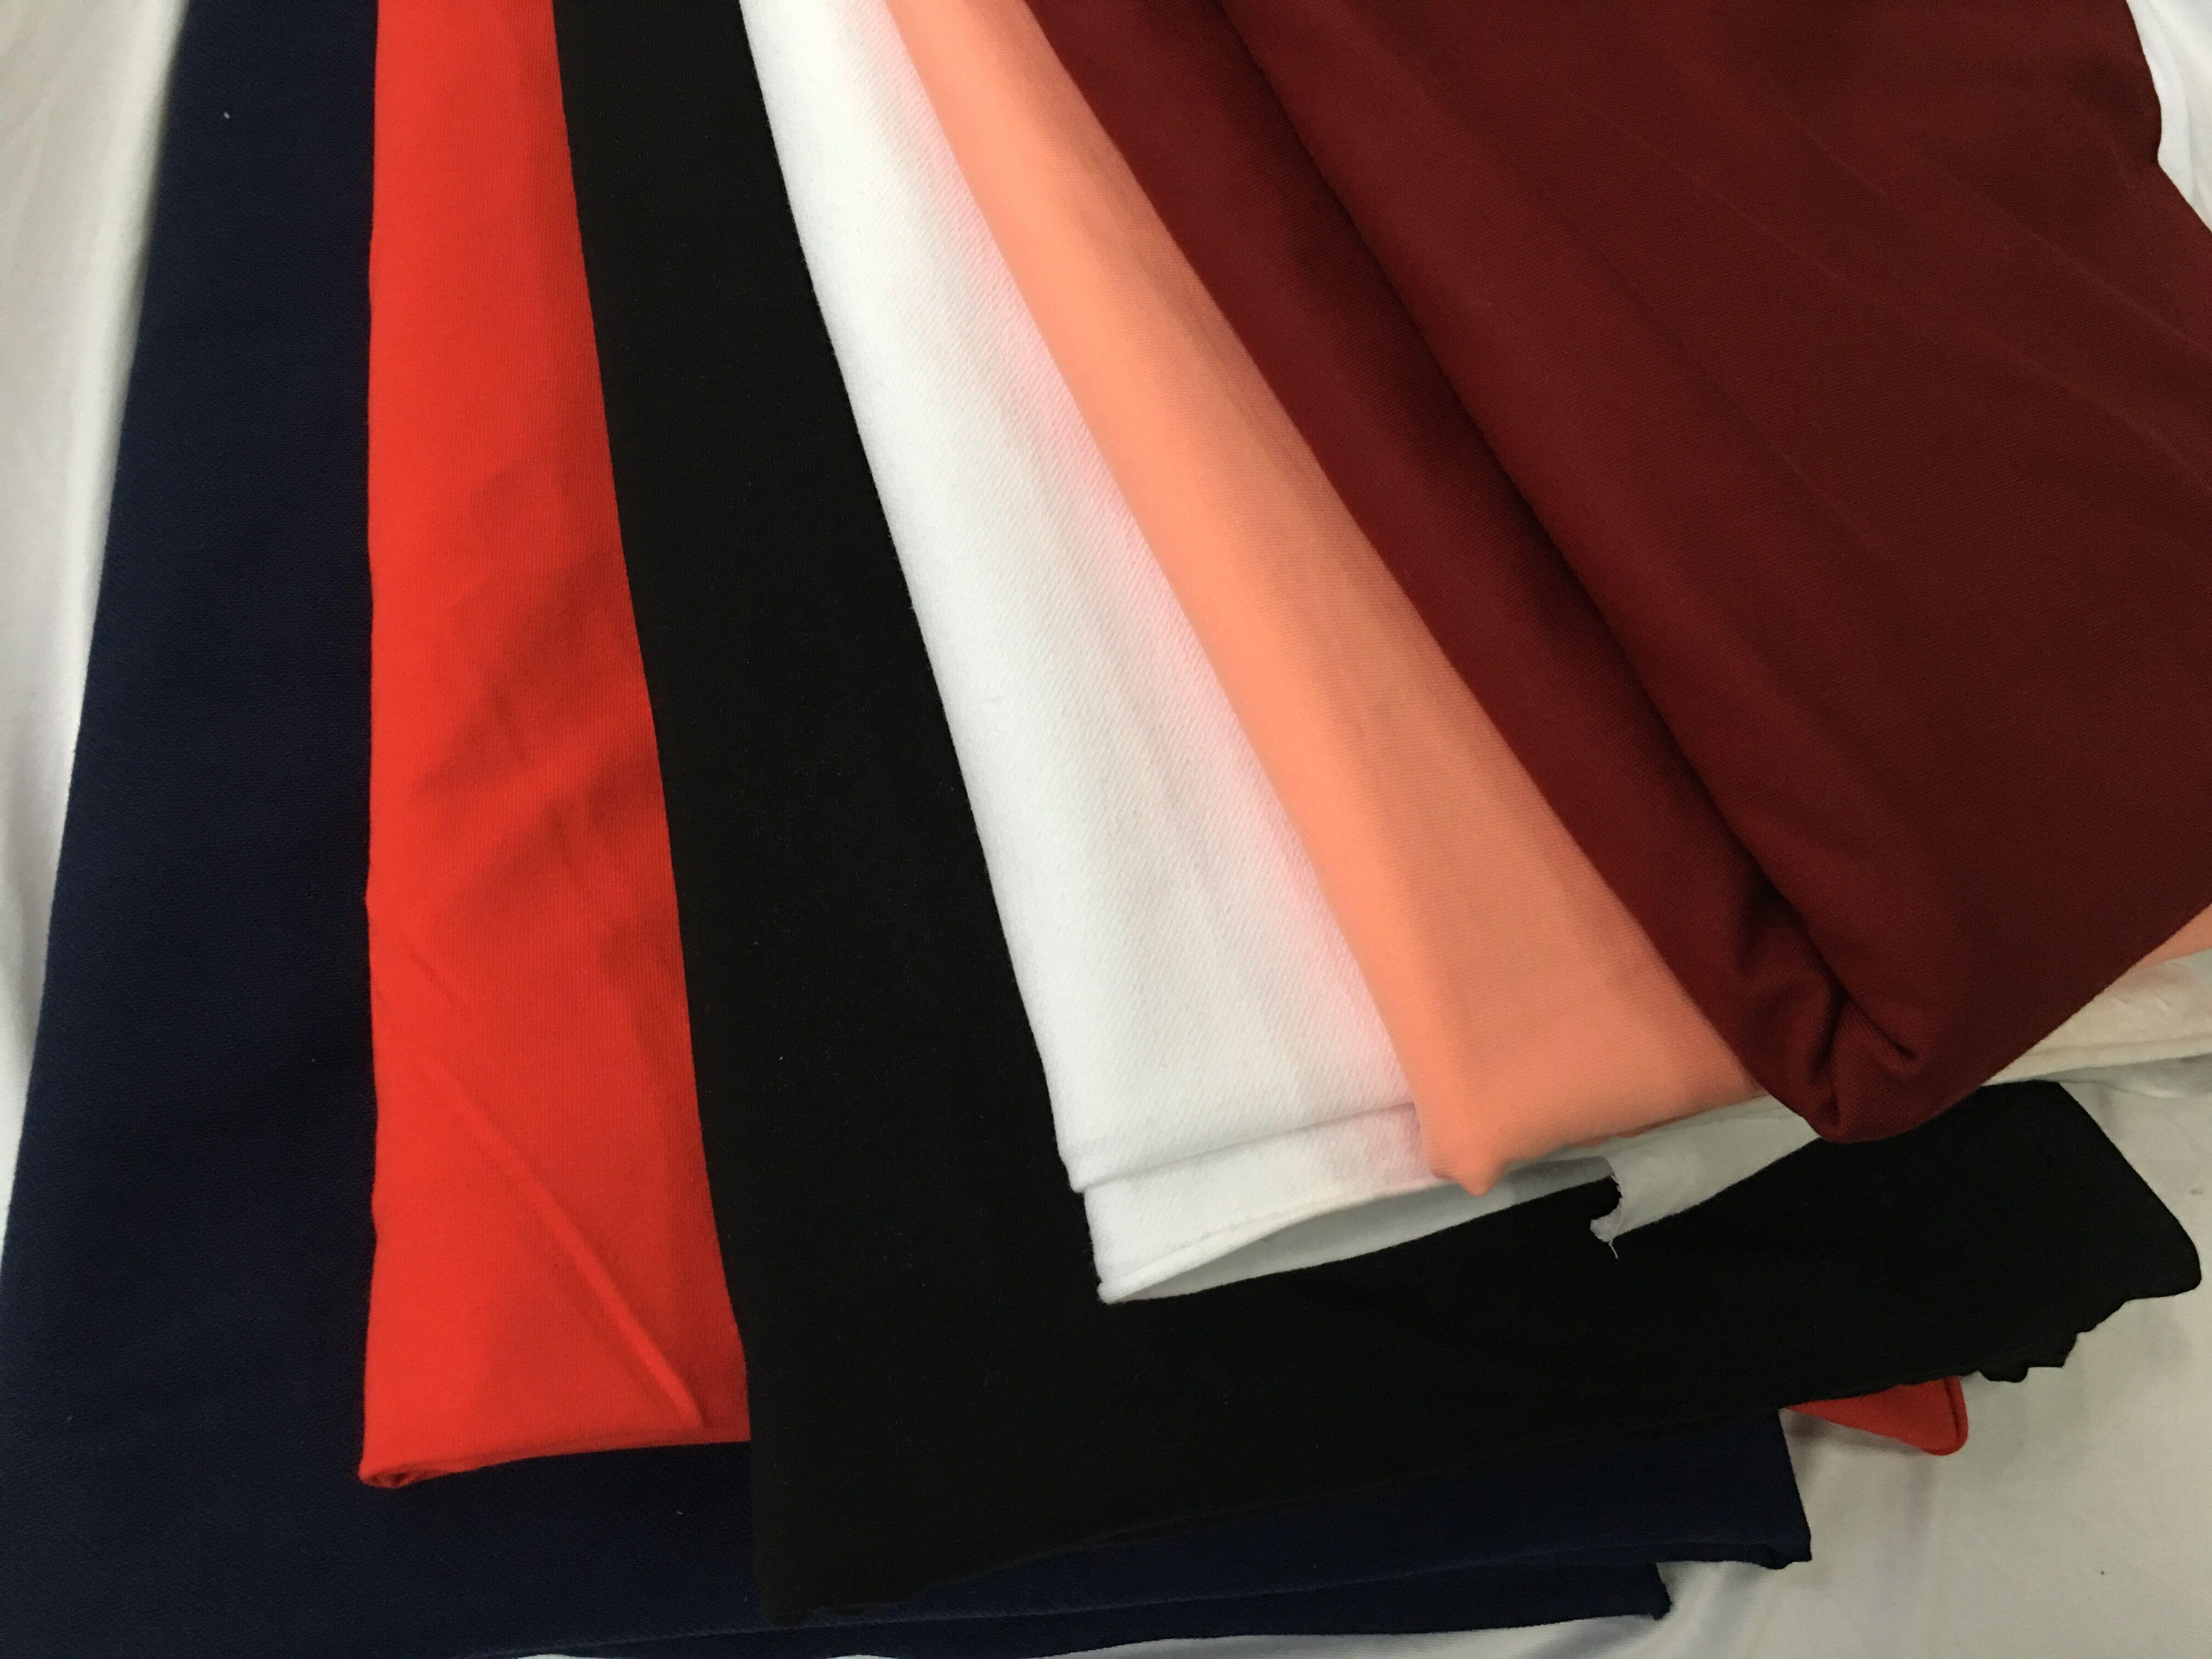 全棉卫衣仔批发厂家, 全棉卫衣仔面料厂家直销,三水全棉卫衣仔面料厂家